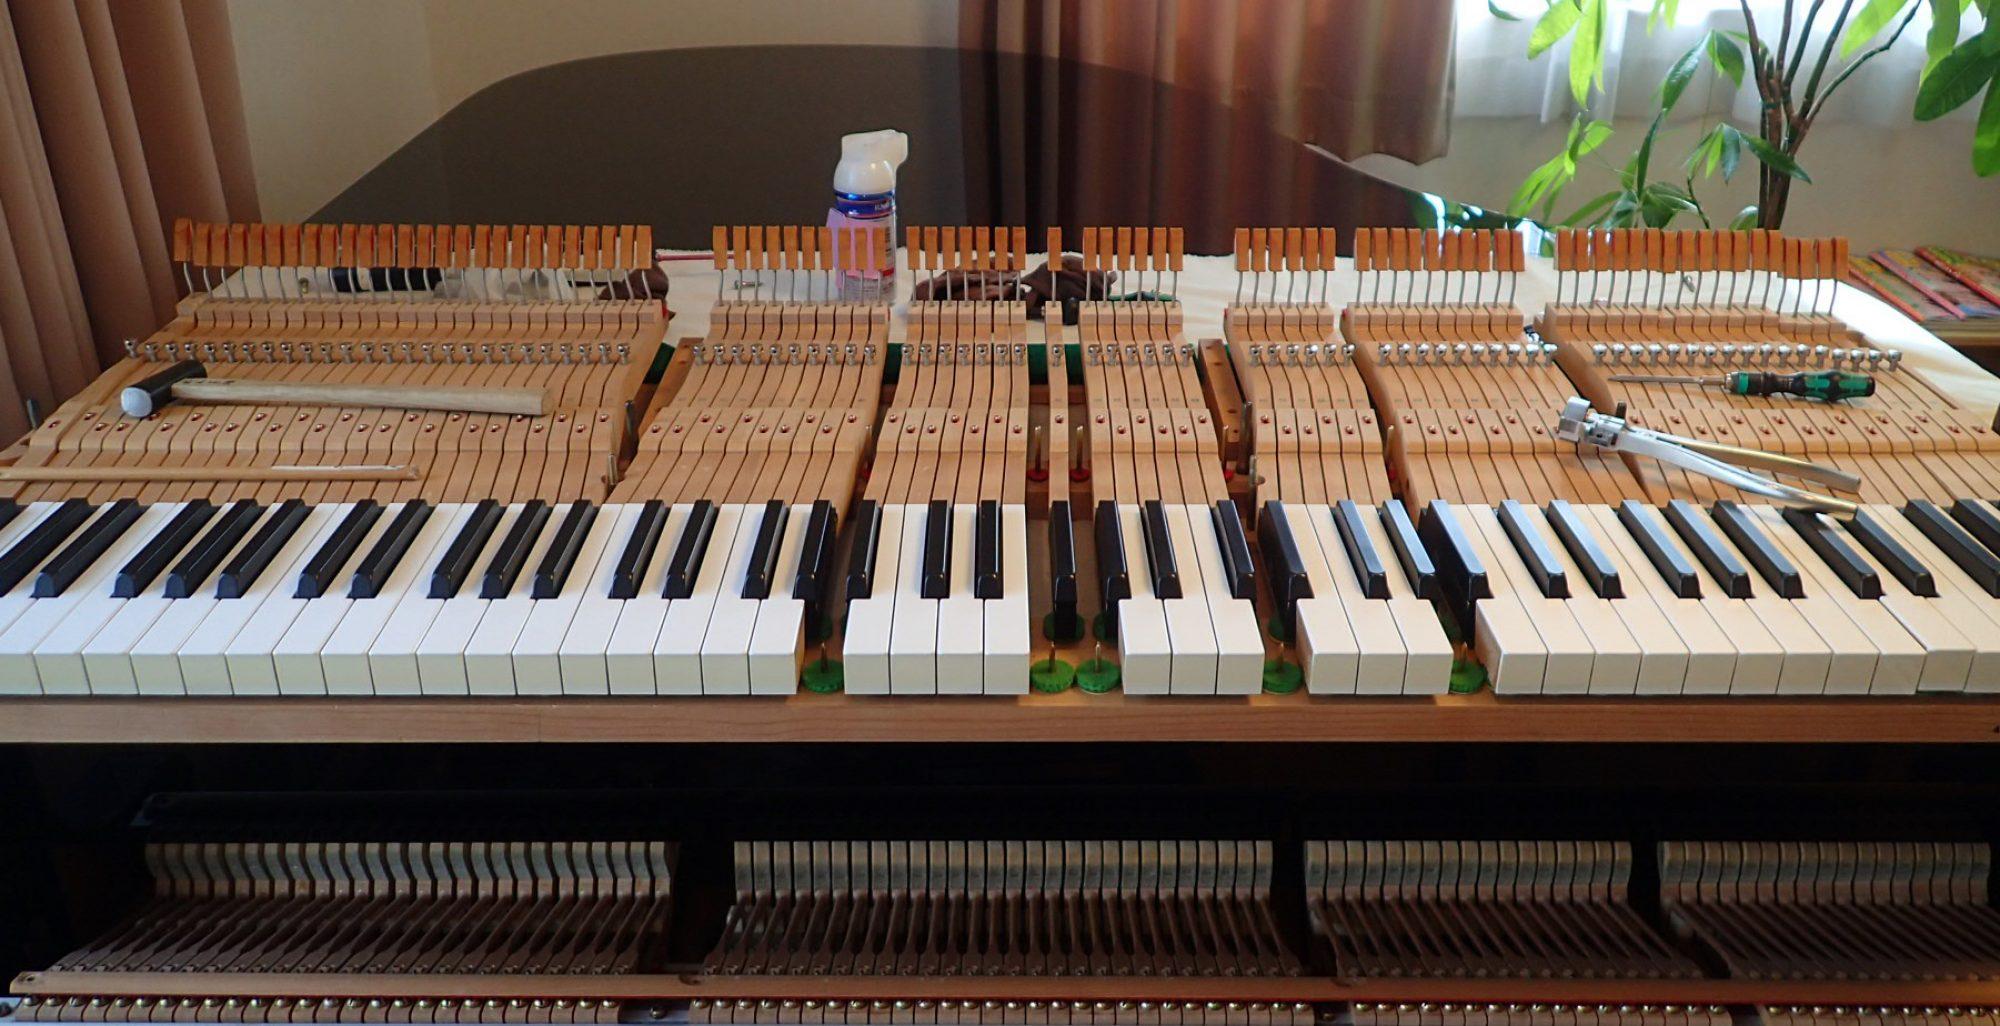 ピアノ調律 整調 整音 修理 岡本ピアノ工房